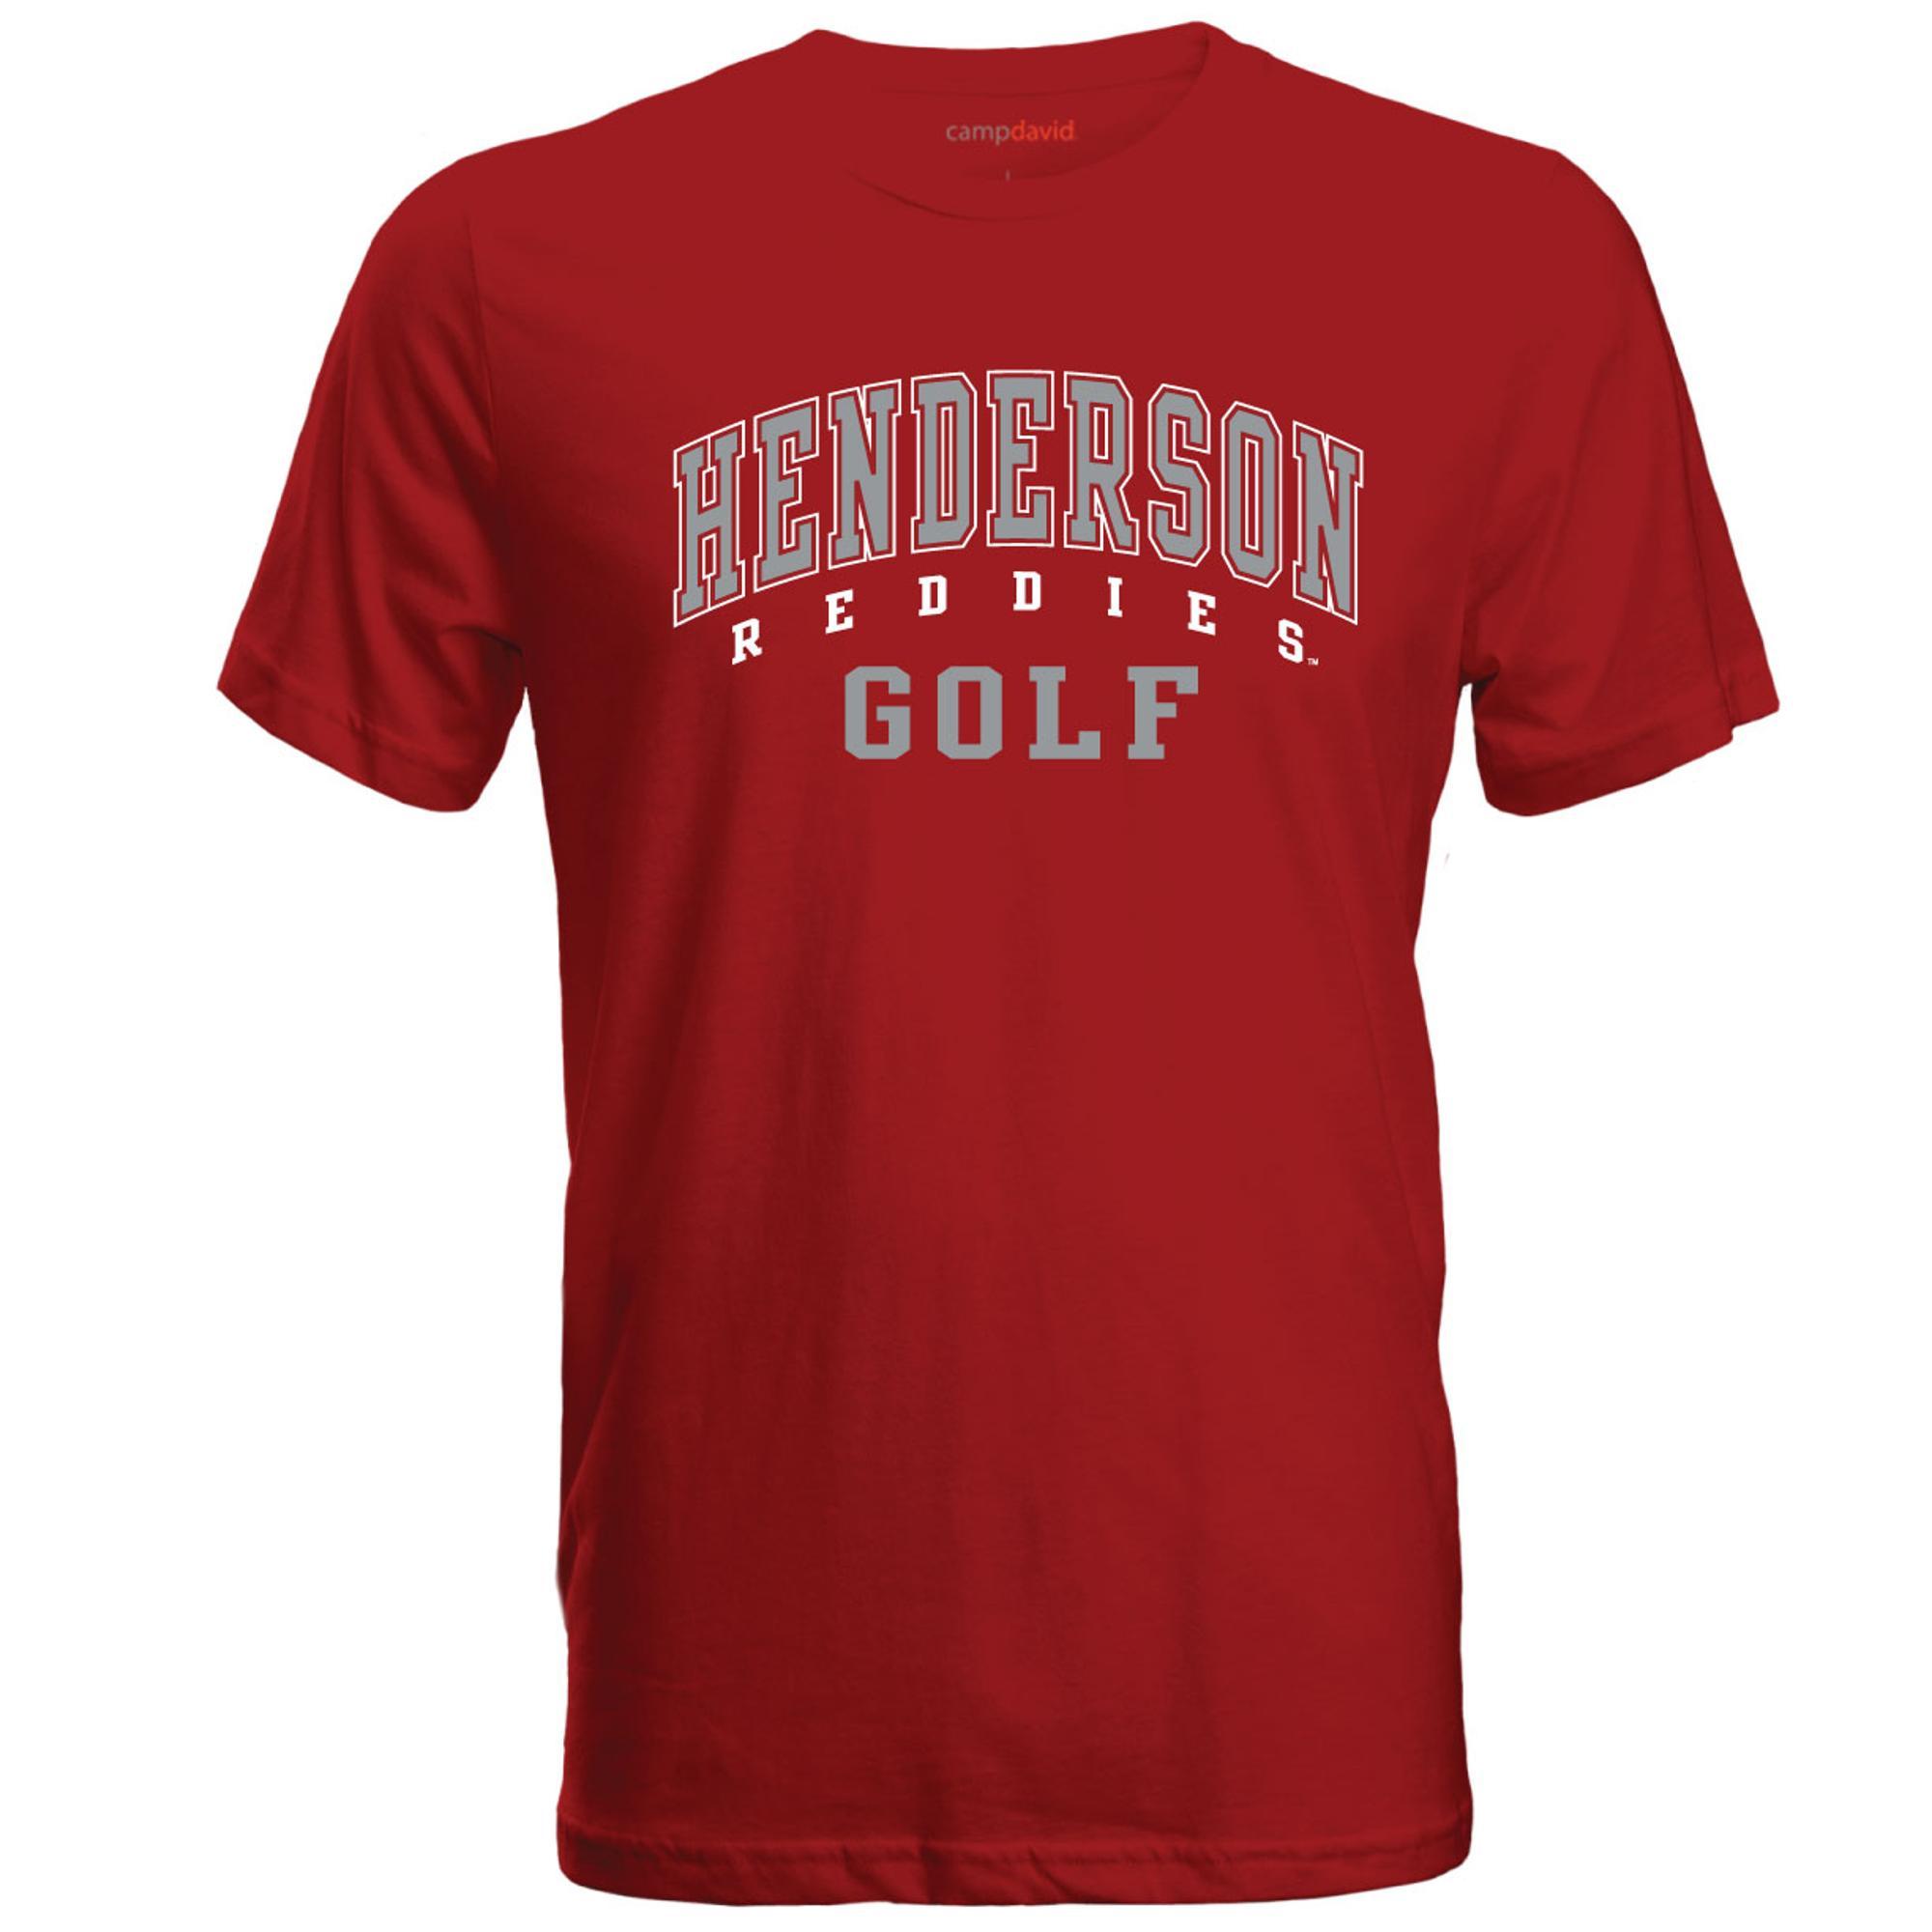 image of: Henderson Reddies Golf Cruiser Tee